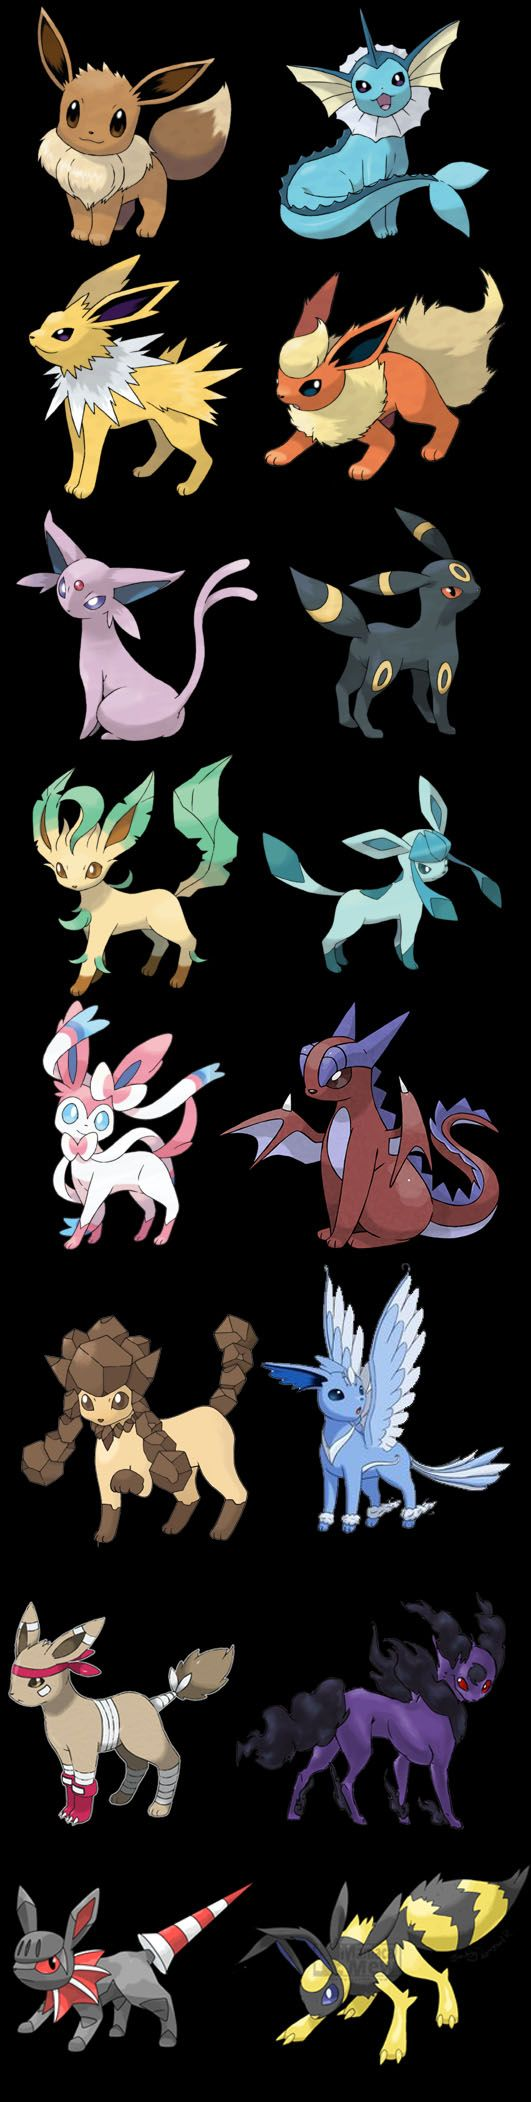 Evoluciones y Fakevoluciones de Eevee  Eevee (Normal) Vaporeon (Agua-Water) Jolteon (Electrico-Thunder) Flareon (Fuego-Fire) Espeon (Pisiquico-Psyquic) Umbreon (Siniestro-Dark) Leafeon (Planta-Grass) Glaceon (Hielo-Ice) Sylveon (Hada-Fairy)  Dragoneon (Dragon) Stoneon (Roca-Rock) Wingeon (Volador-Flying) Champeon o Fighteon (Luchador-Fighting) Ghosteon (Fantasma-Ghost) o Poiseon (Veneno-Poison) Steeleon (Acero-Steel) Insecteon (Bicho-Bug)  Podia hacer falta uno tipo Tierra-Ground Y en el…